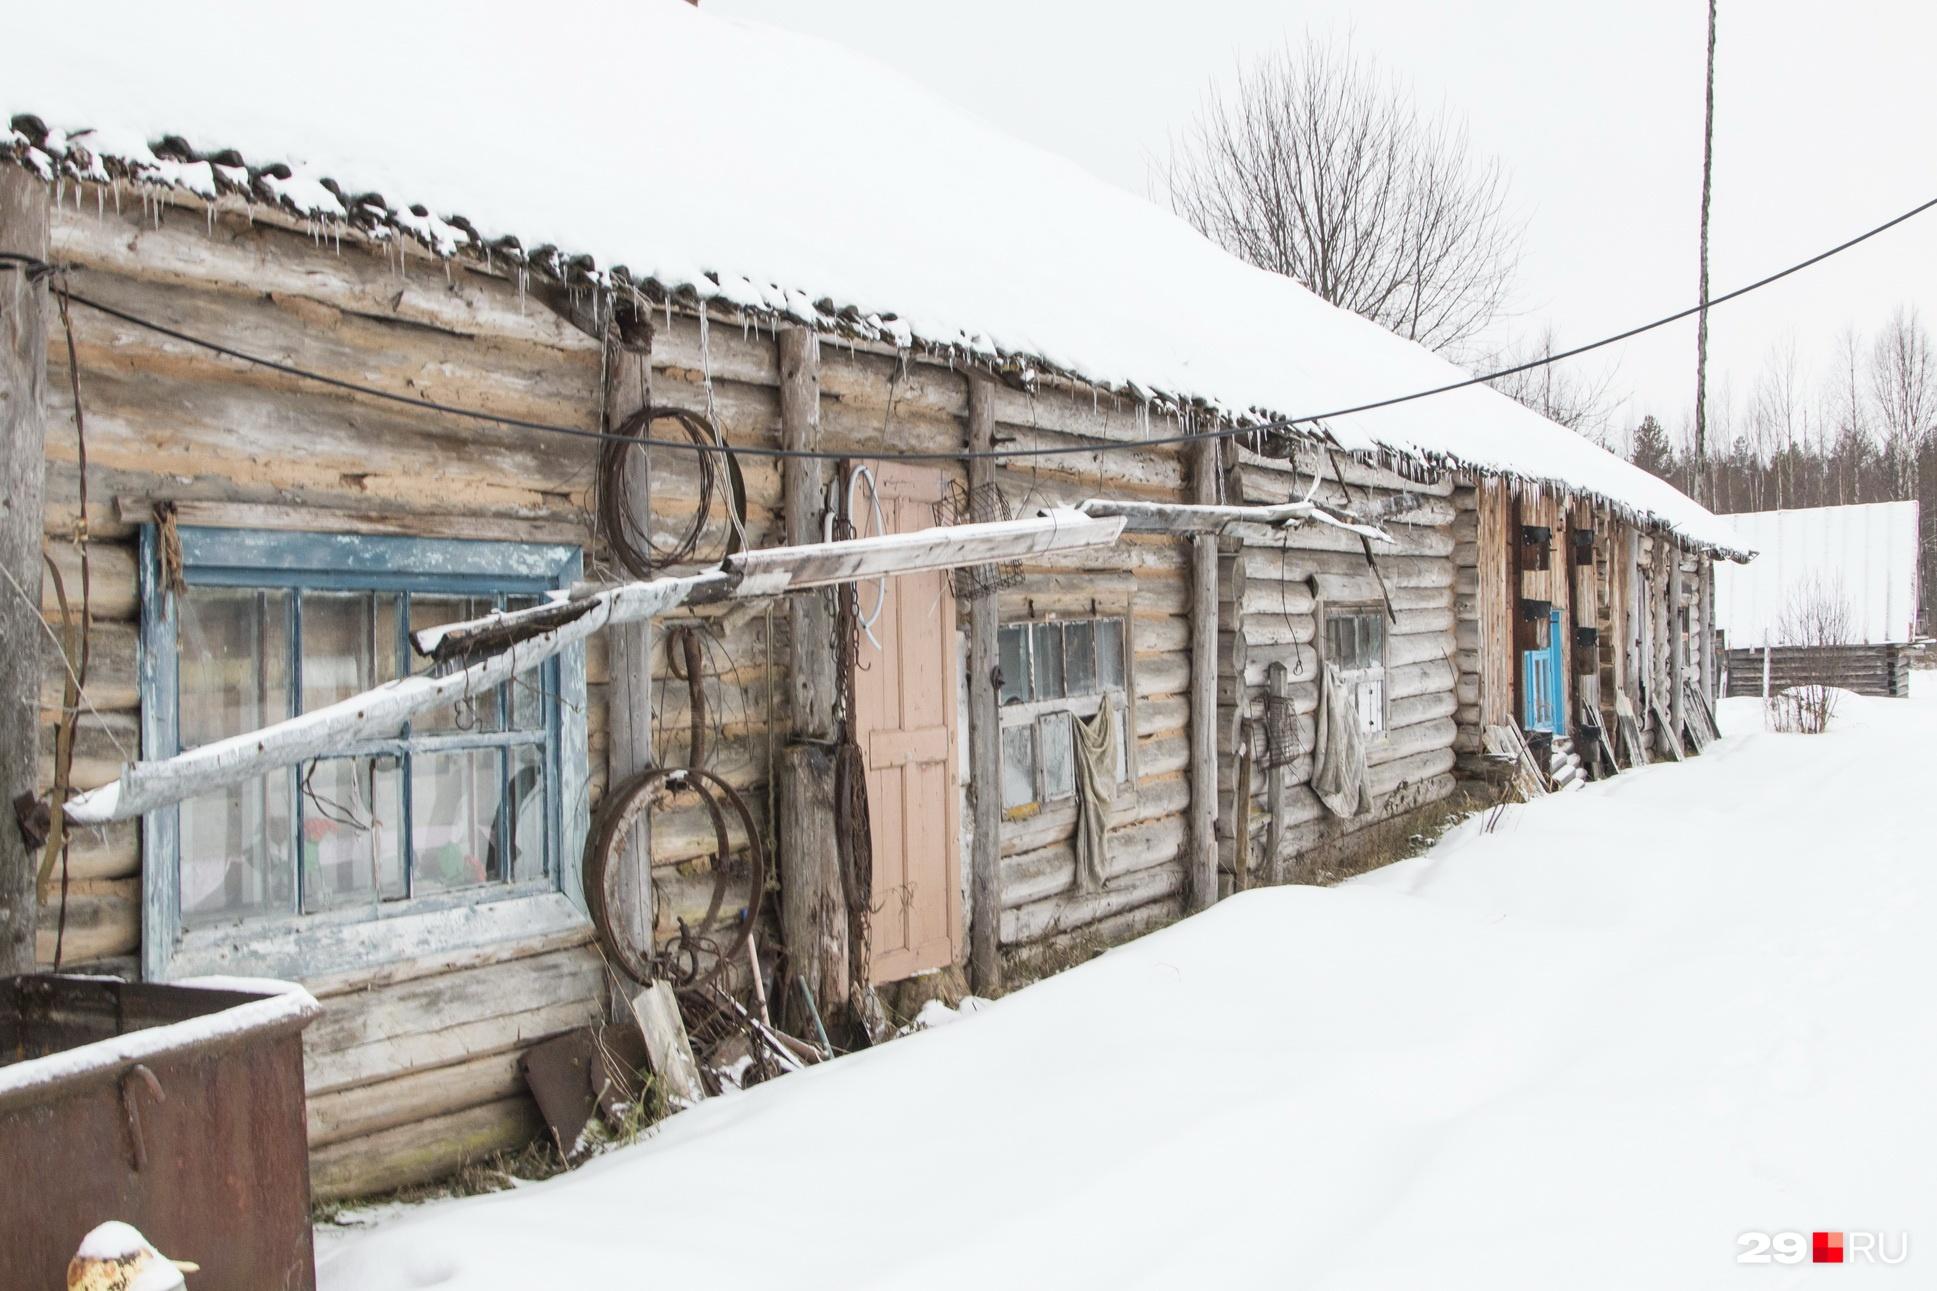 До сих пор в деревне сохранились бараки, где селились репрессированные